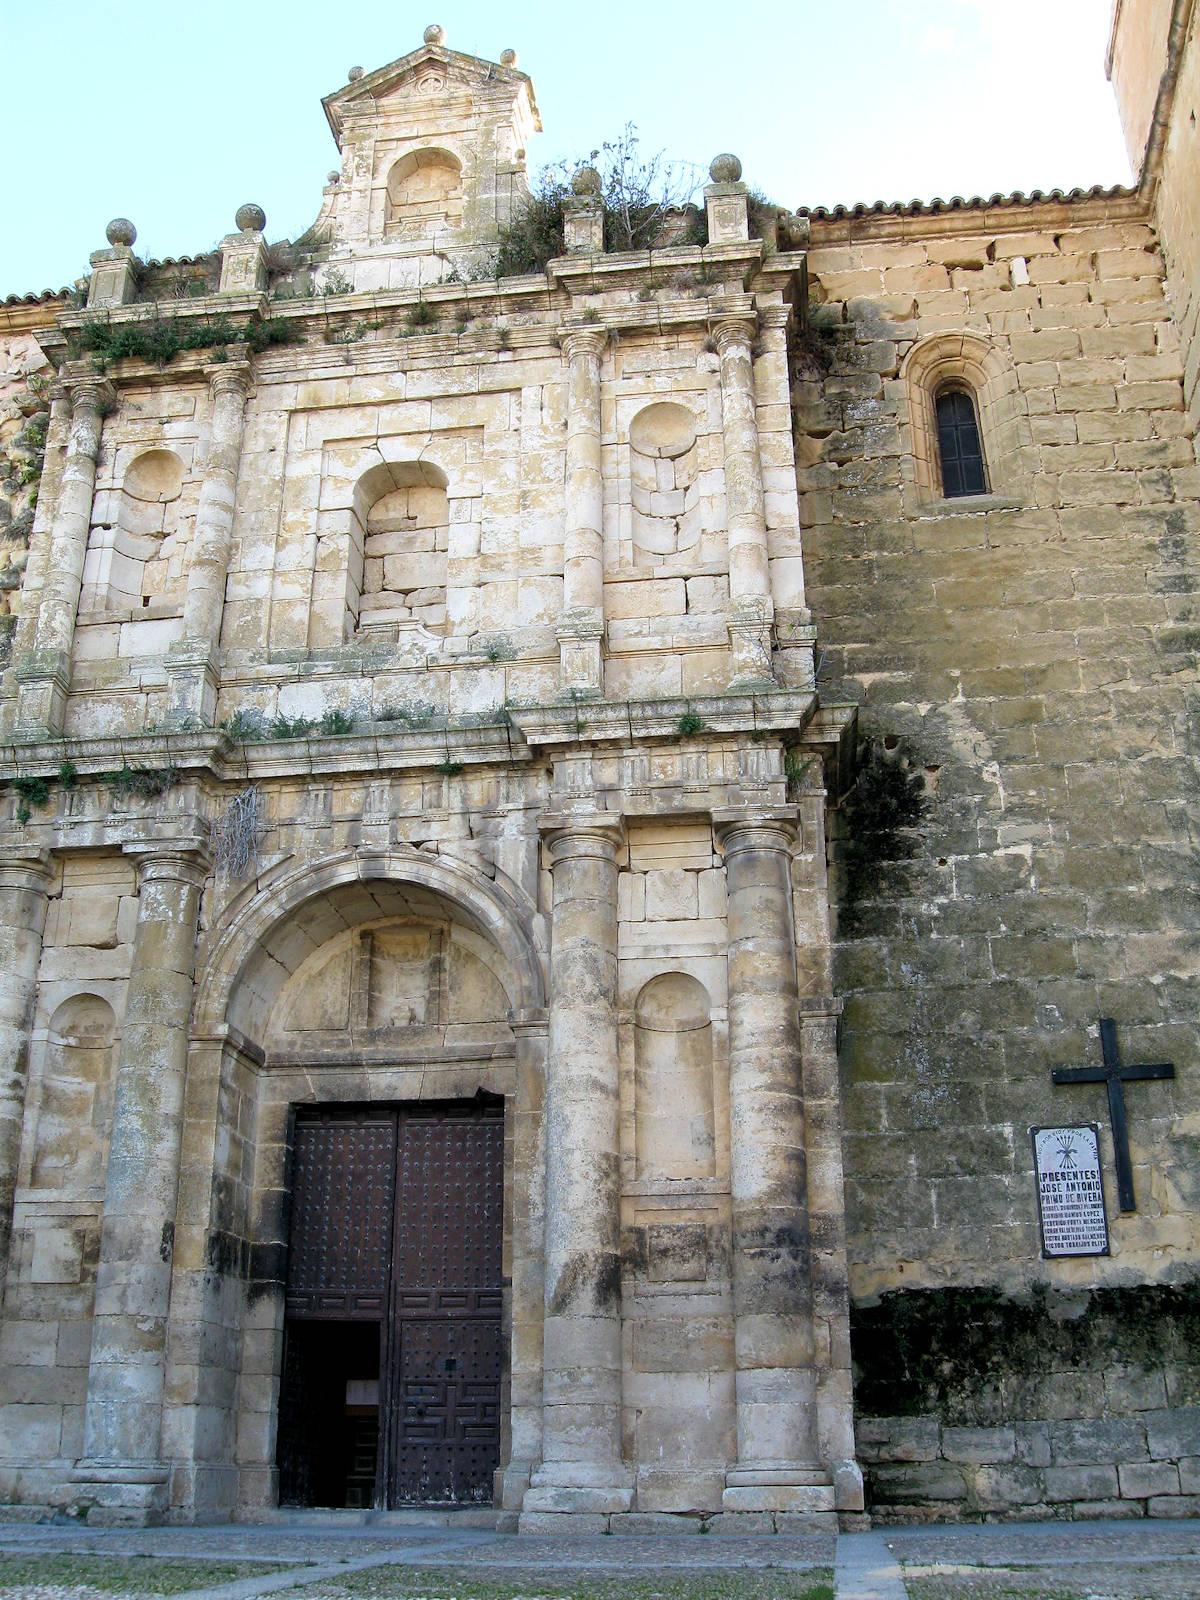 Buendía-Iglesia-de-la-Asunción-Torre-Campanario